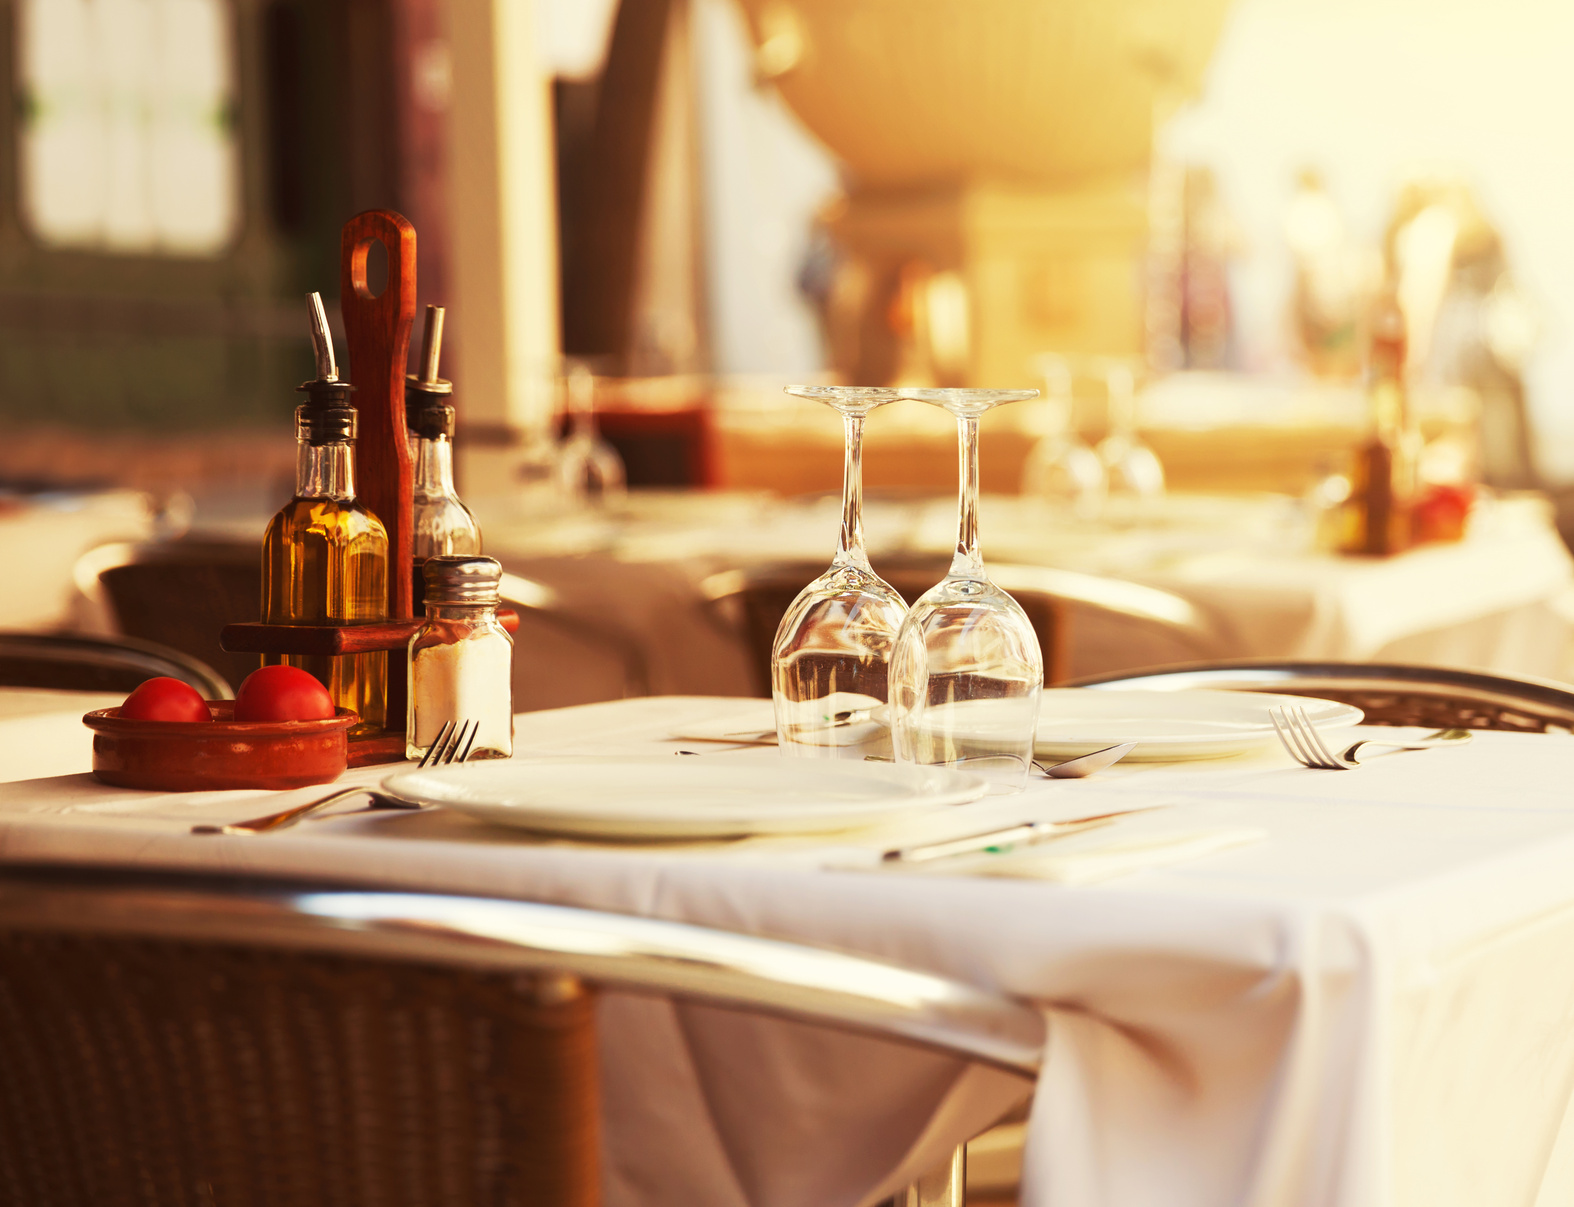 Pourquoi les restaurants doivent-ils travailler leur marque ?